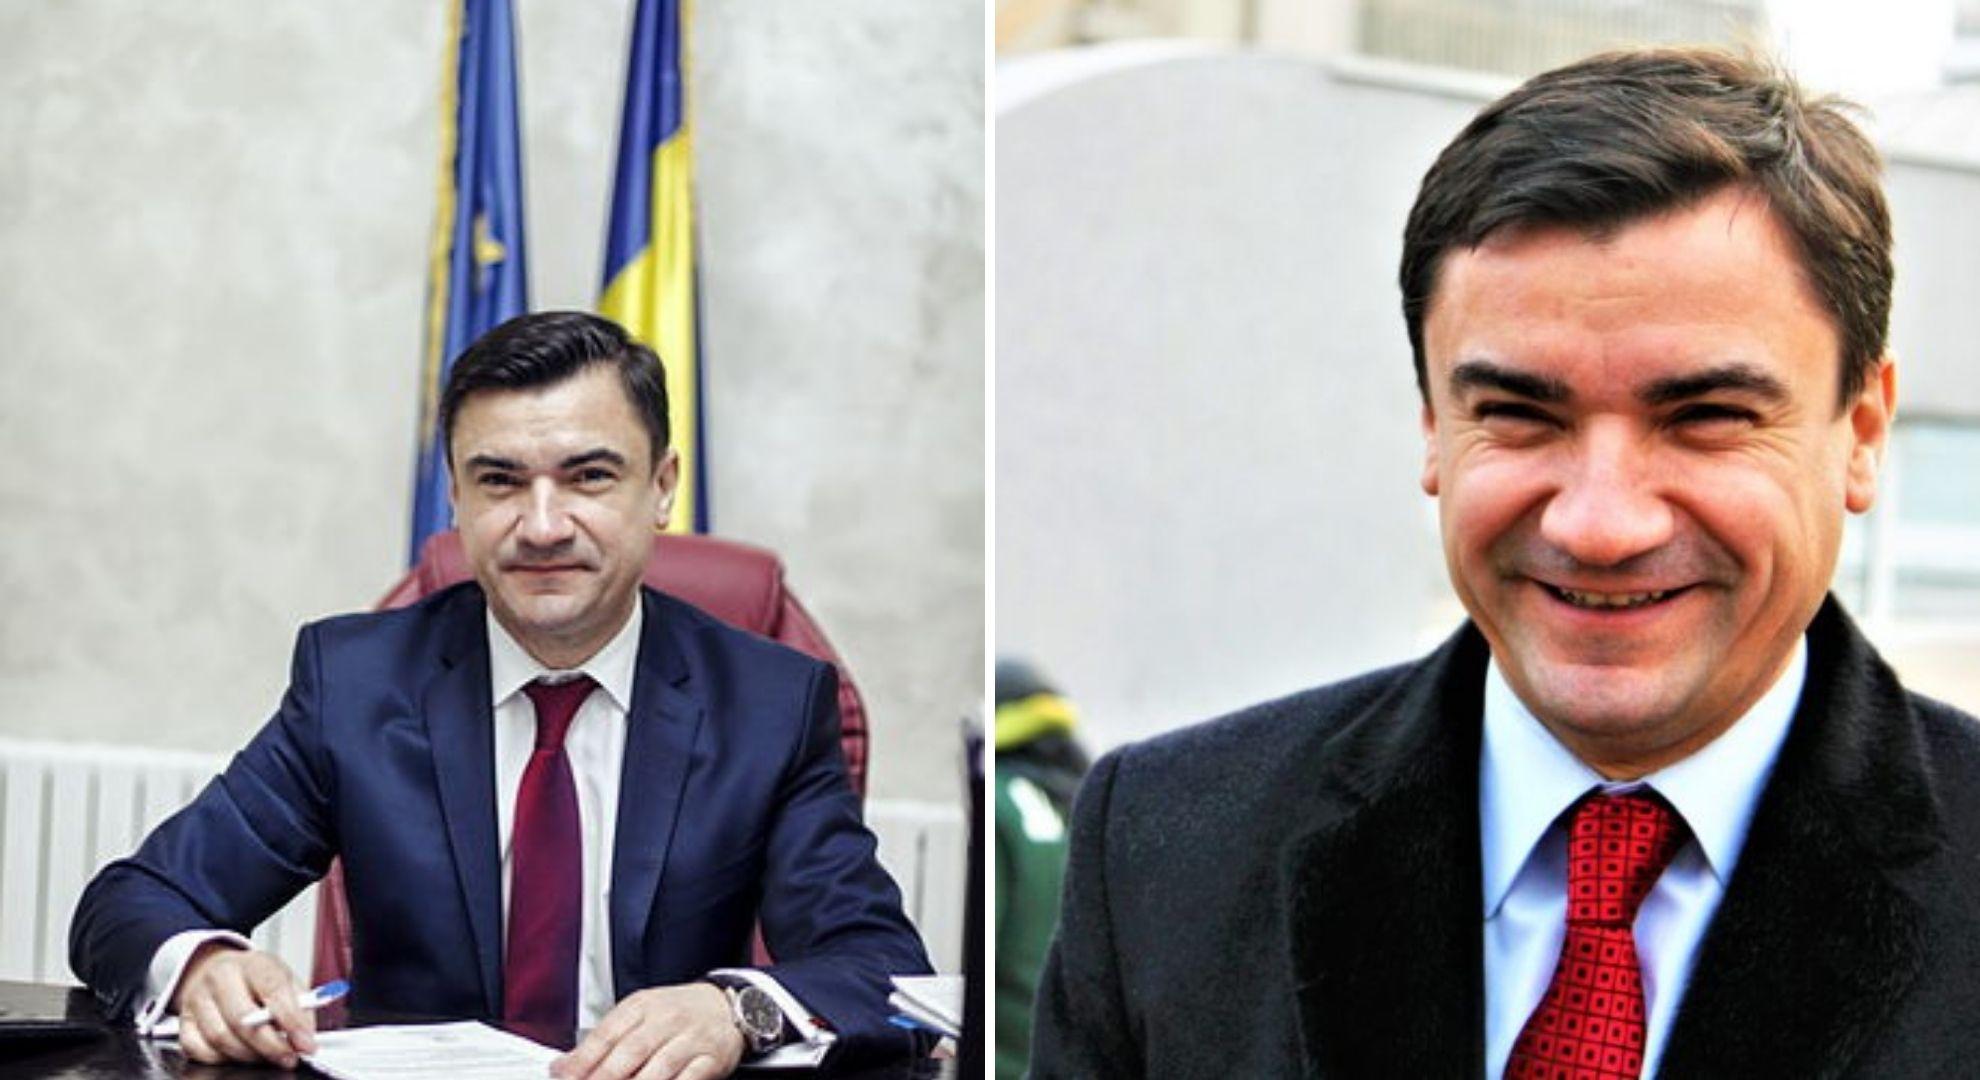 Mihai Chirica a câștigat un nou mandat la Primăria Iașului